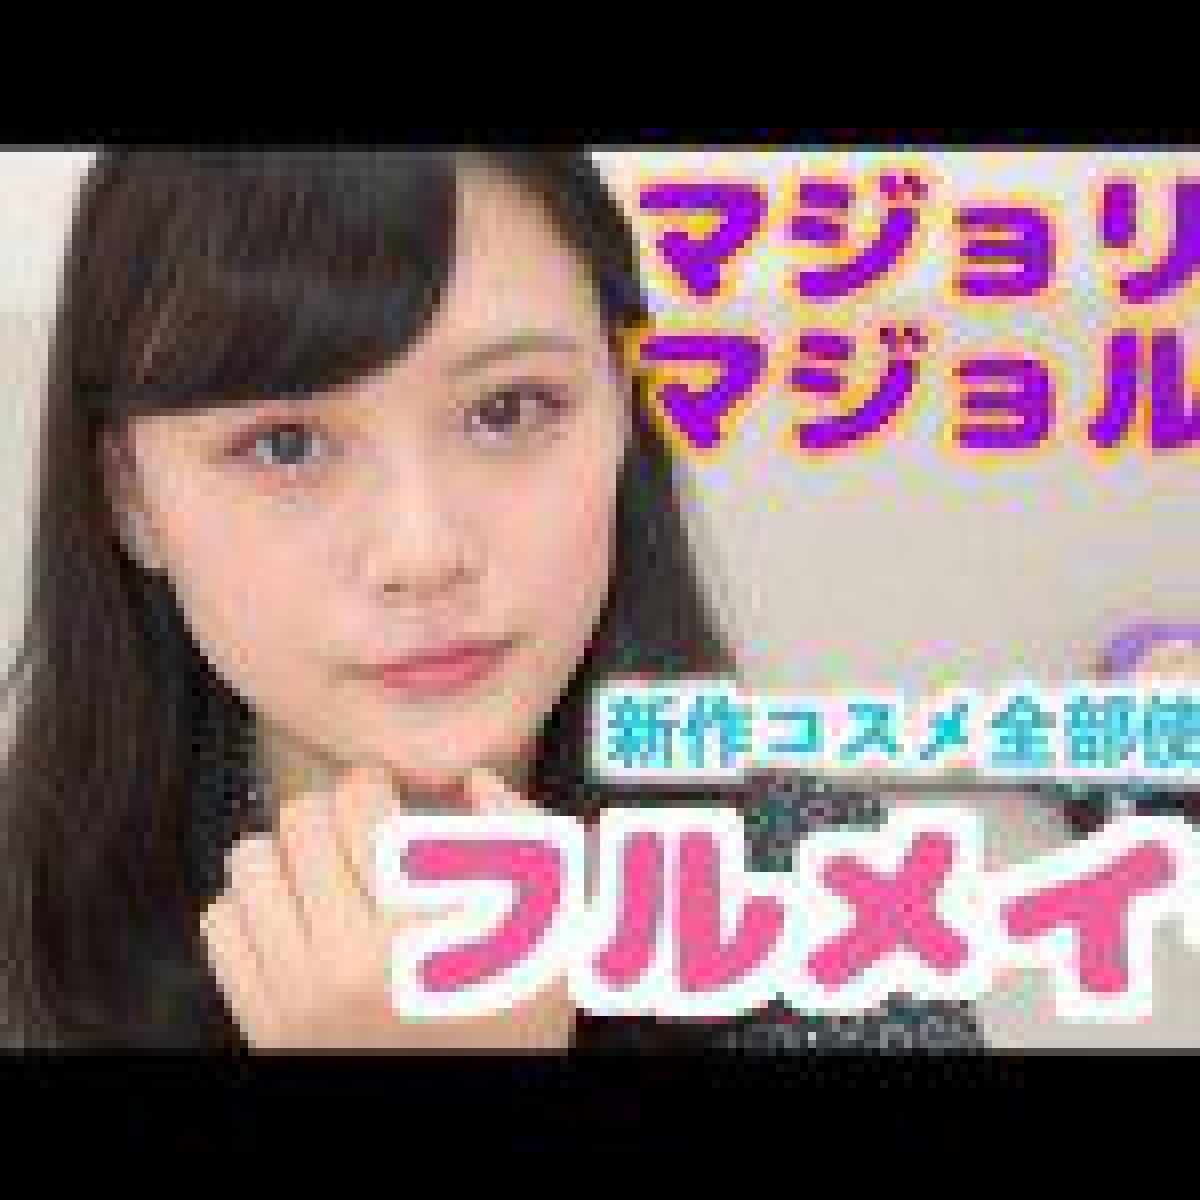 【新作】マジョマジョコスメでフルメイク!! 【マジョリカマジョルカ】【縛りメイク】